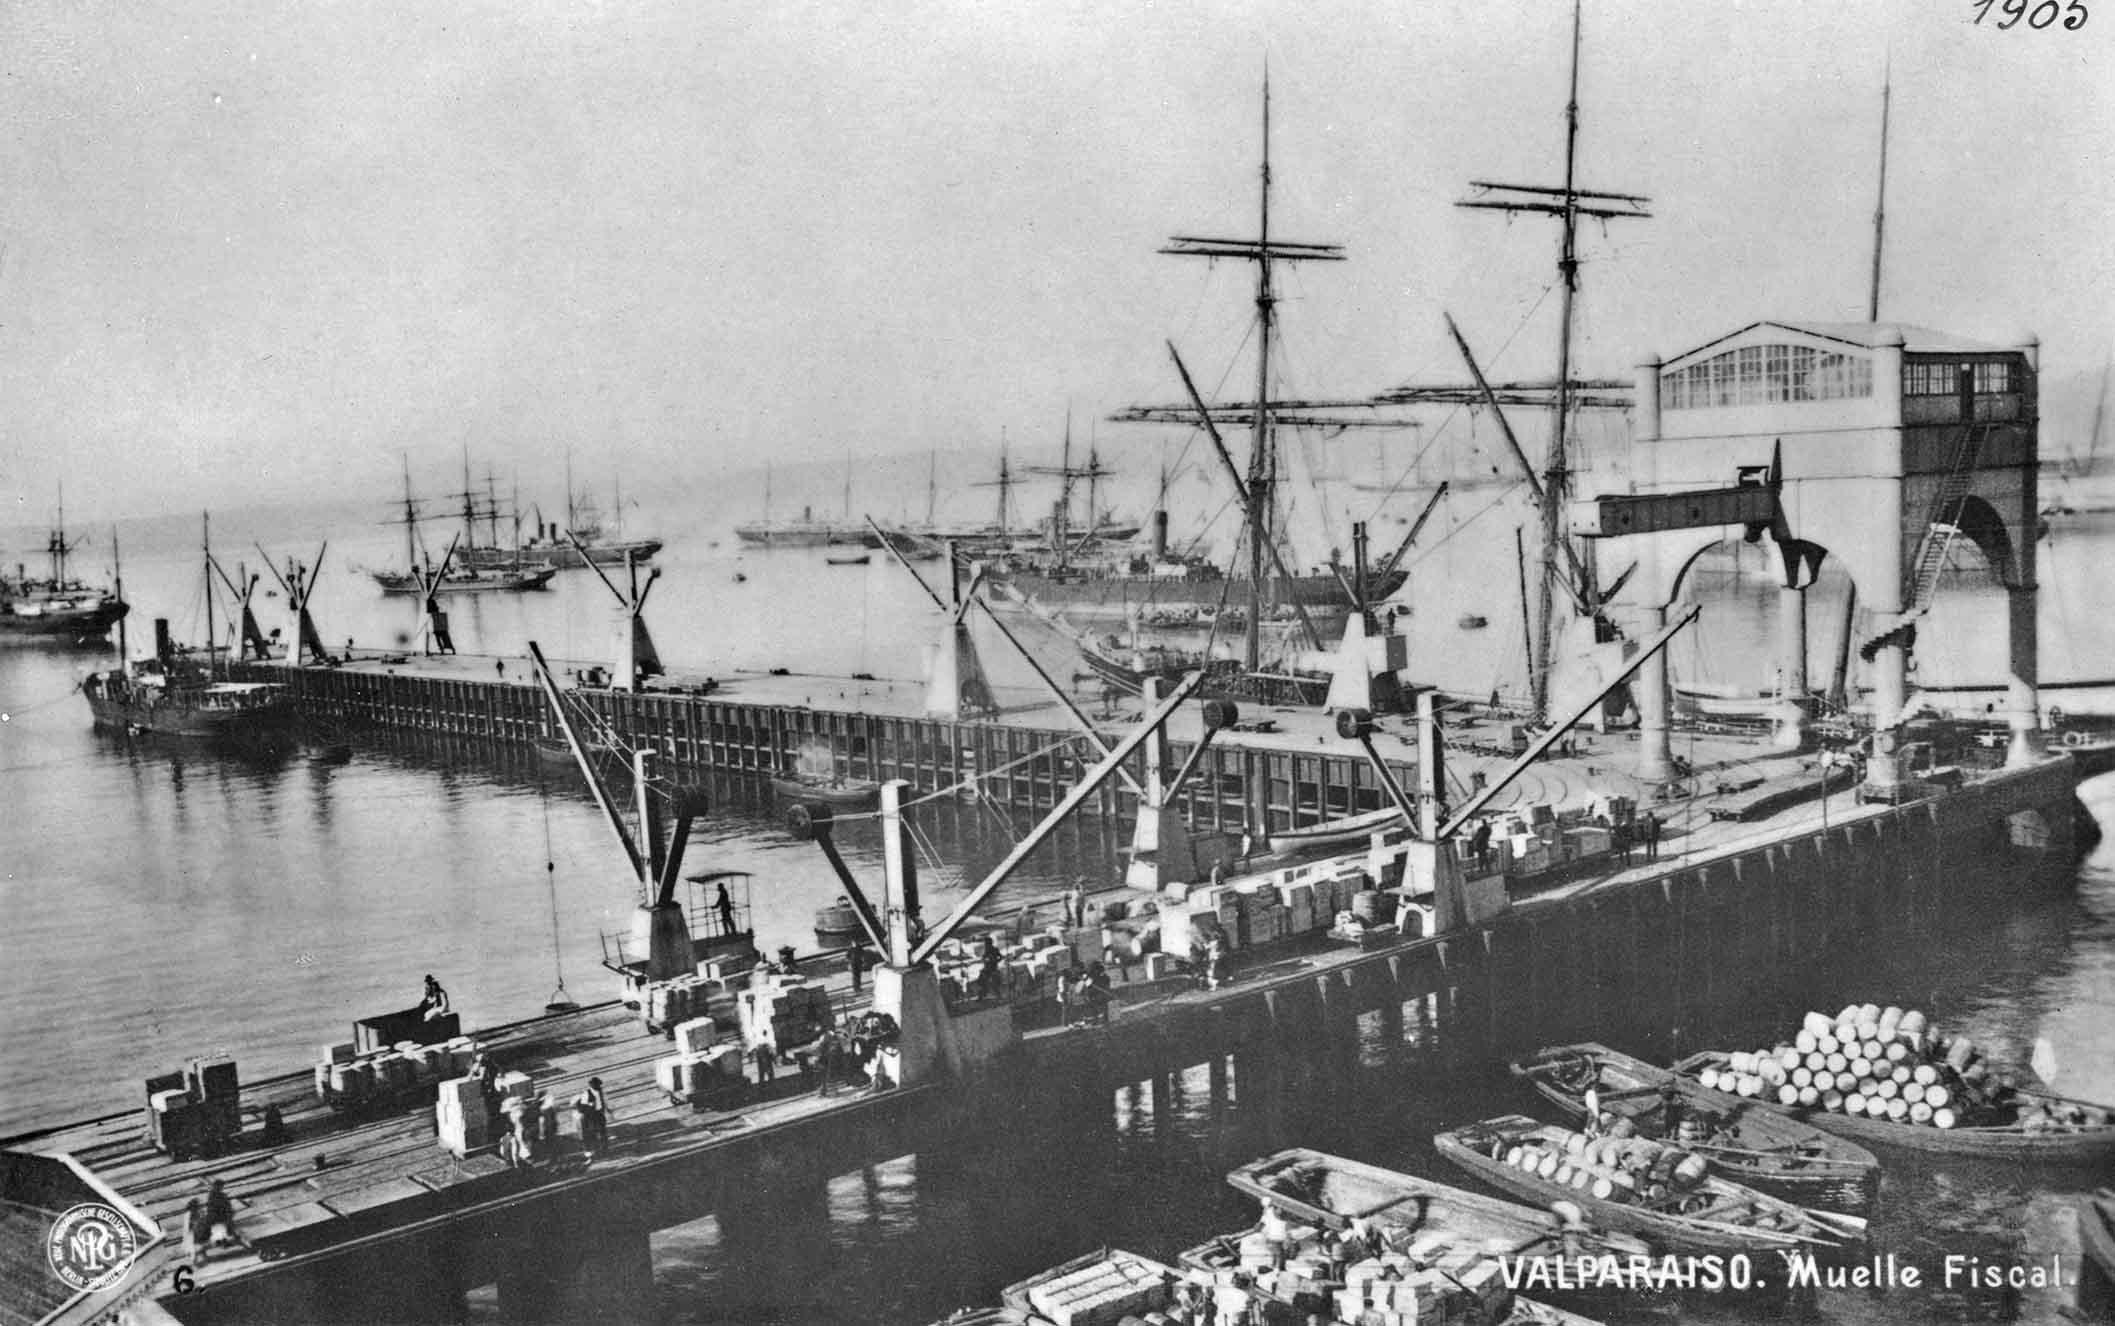 Enterreno - Fotos históricas de chile - fotos antiguas de Chile - Muelle Fiscal de Valparaíso en 1905